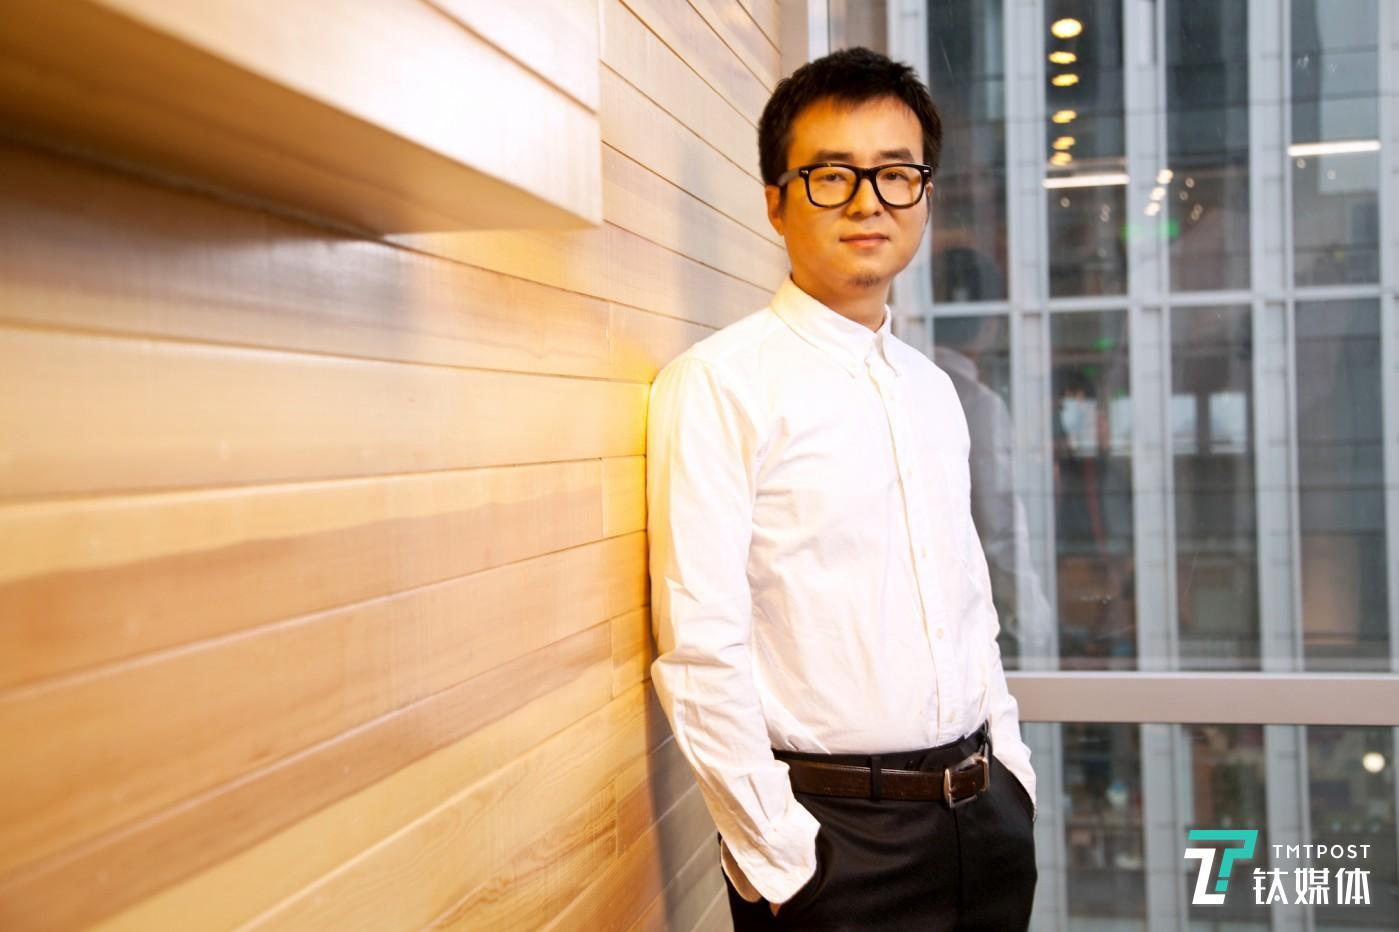 暴风魔镜 CEO 刘晓杰